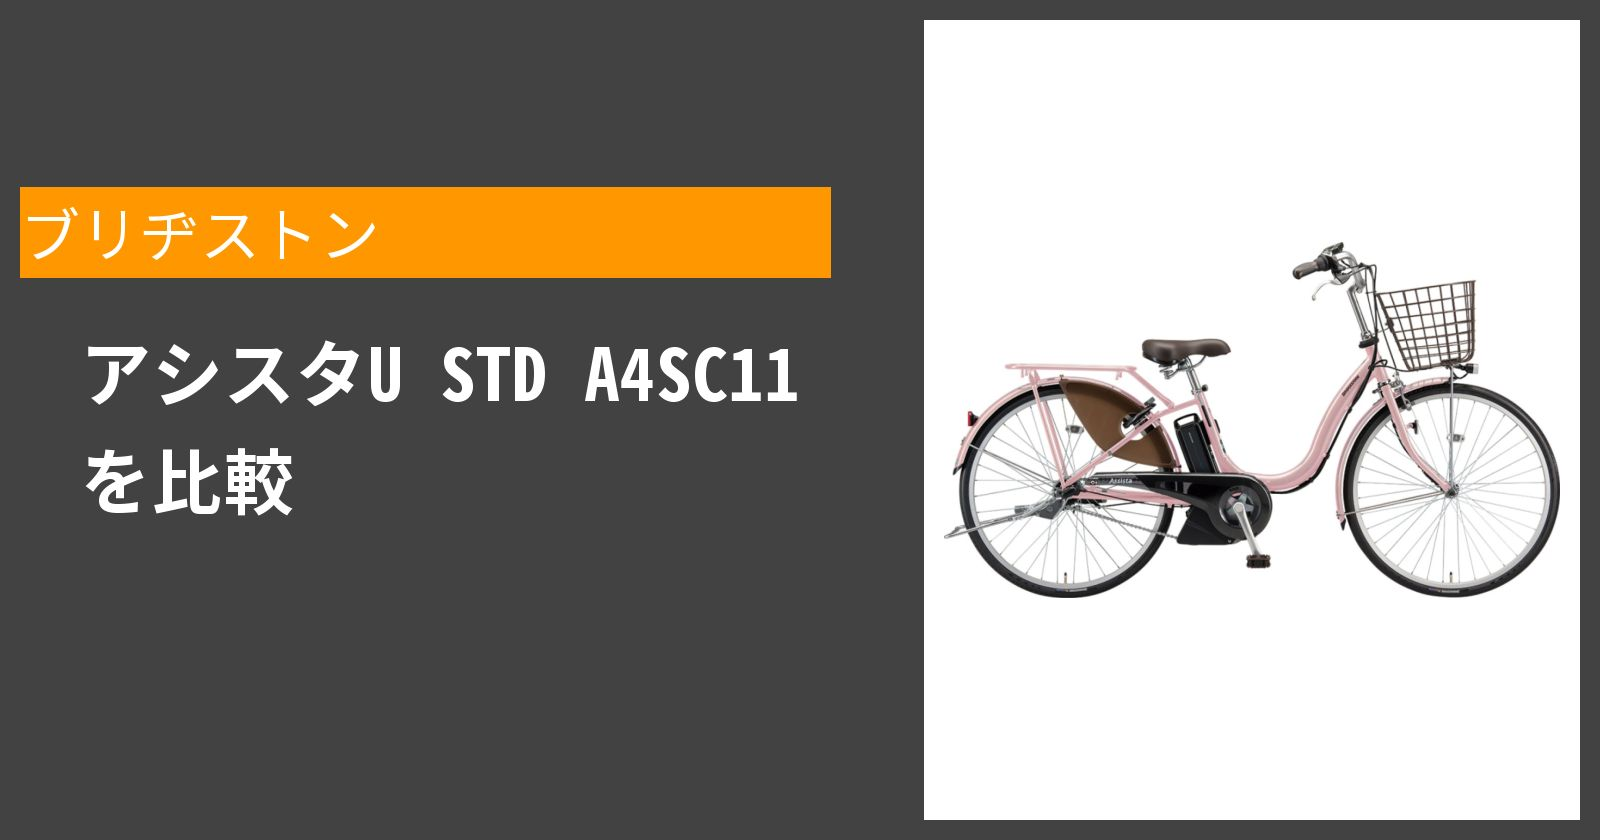 アシスタU STD A4SC11を徹底評価